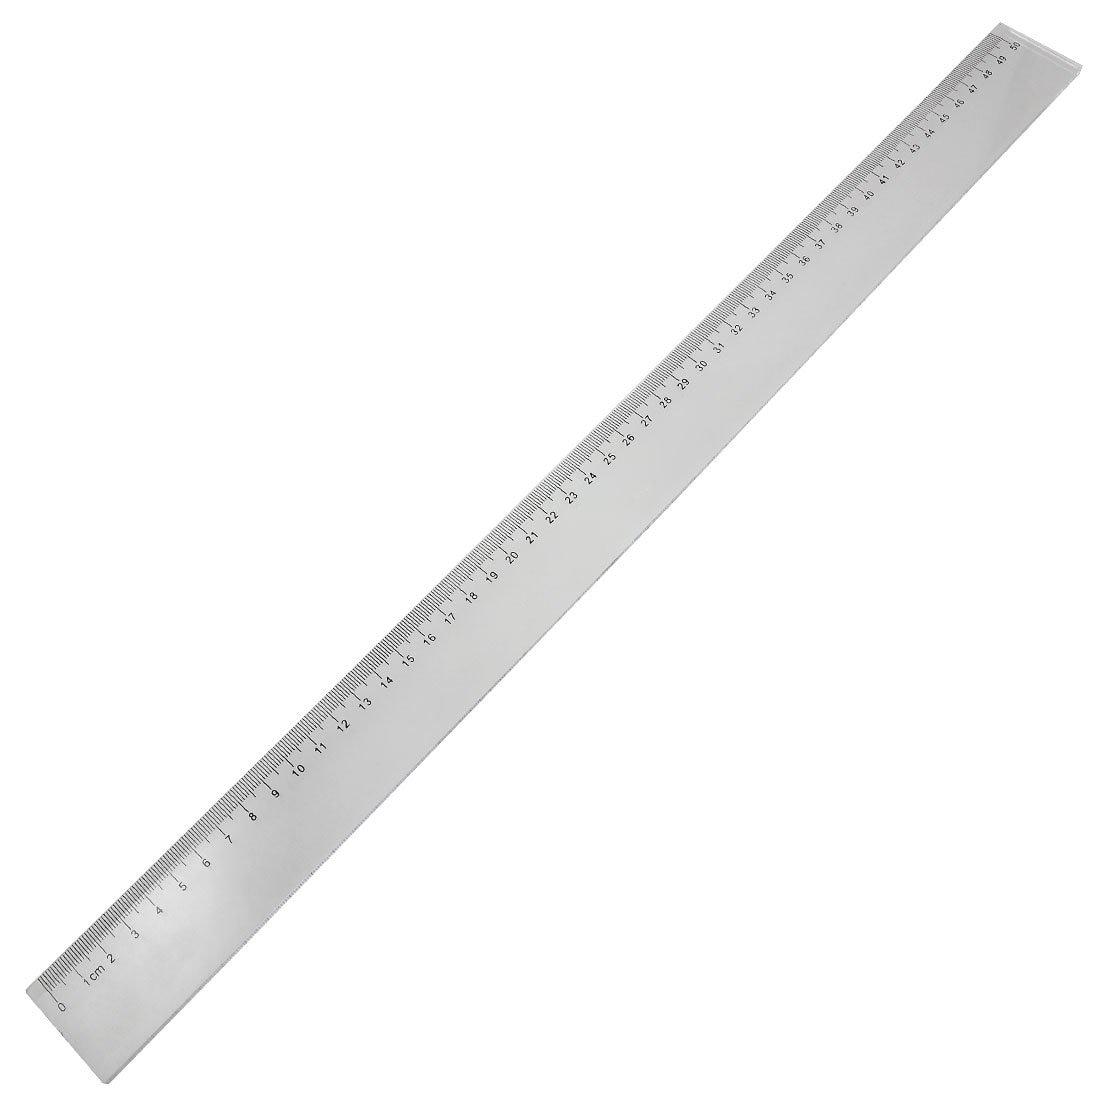 BLEL Hot 50cm Clear Plastic Measuring Long Straight Centimeter Ruler